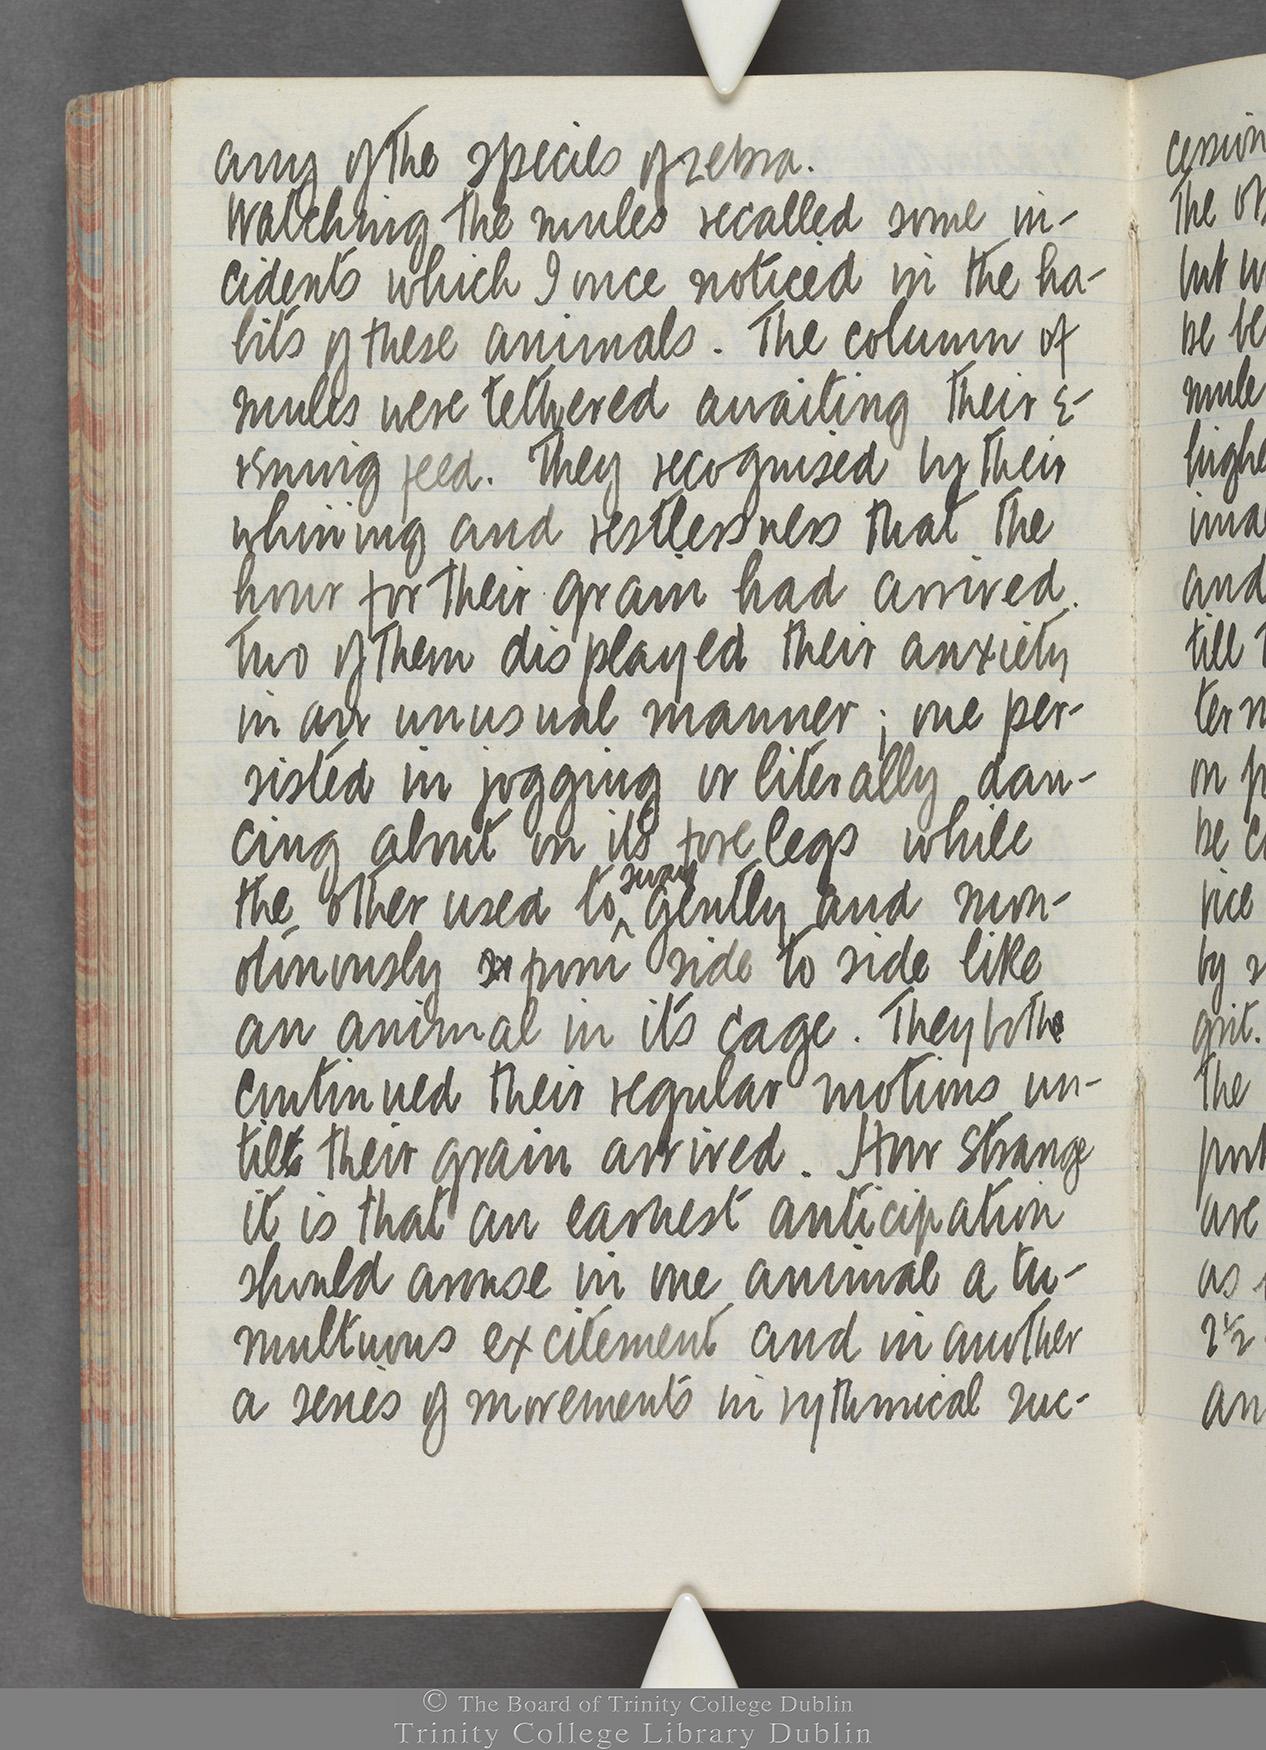 TCD MS 10515 folio 100 verso